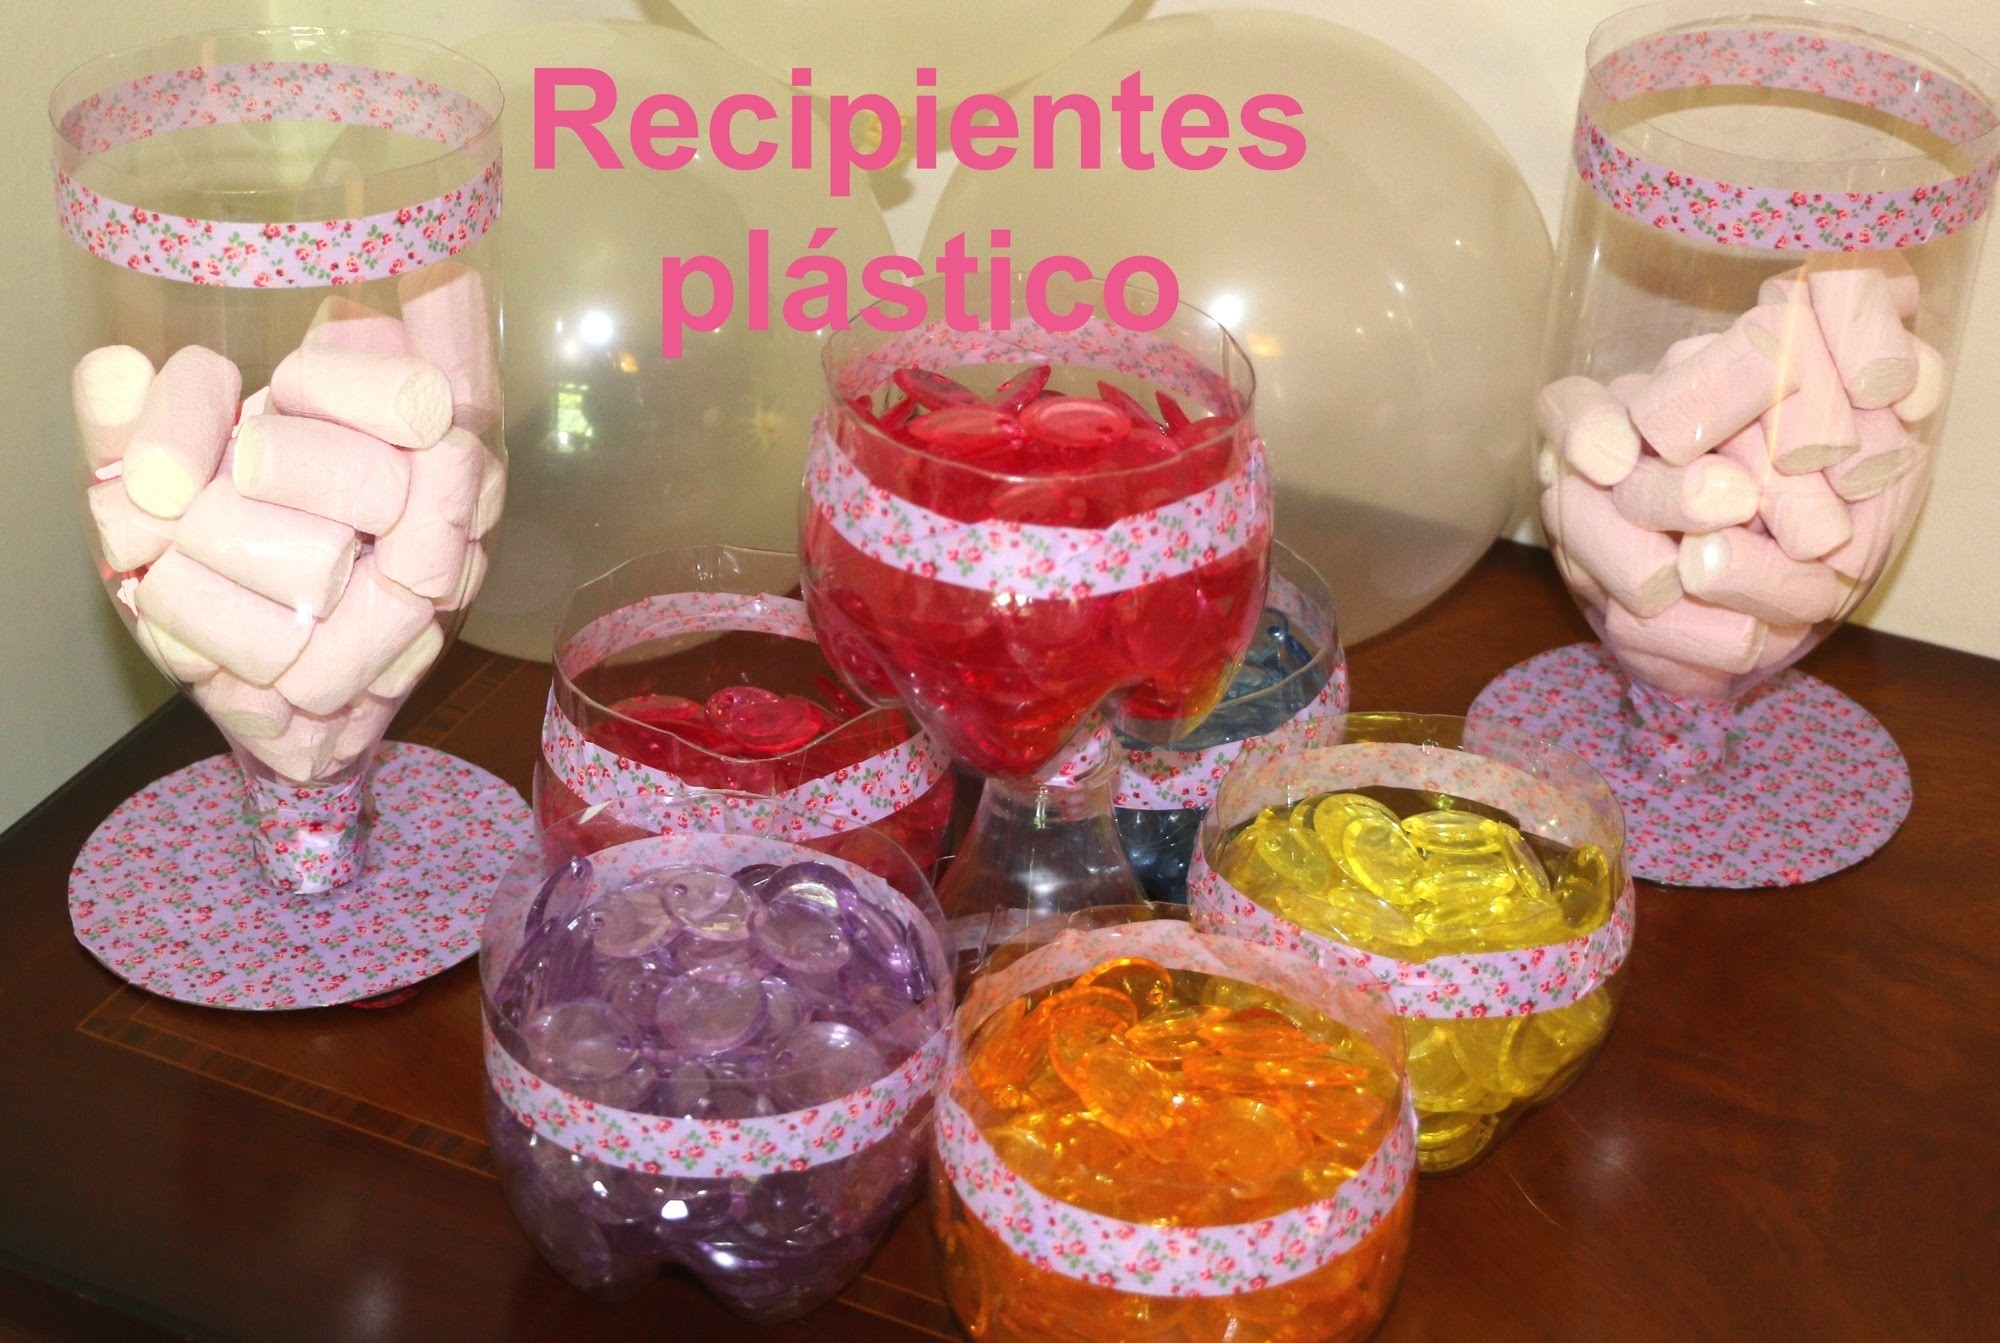 Cómo hacer recipientes de plástico para fiestas. Party ideas containers